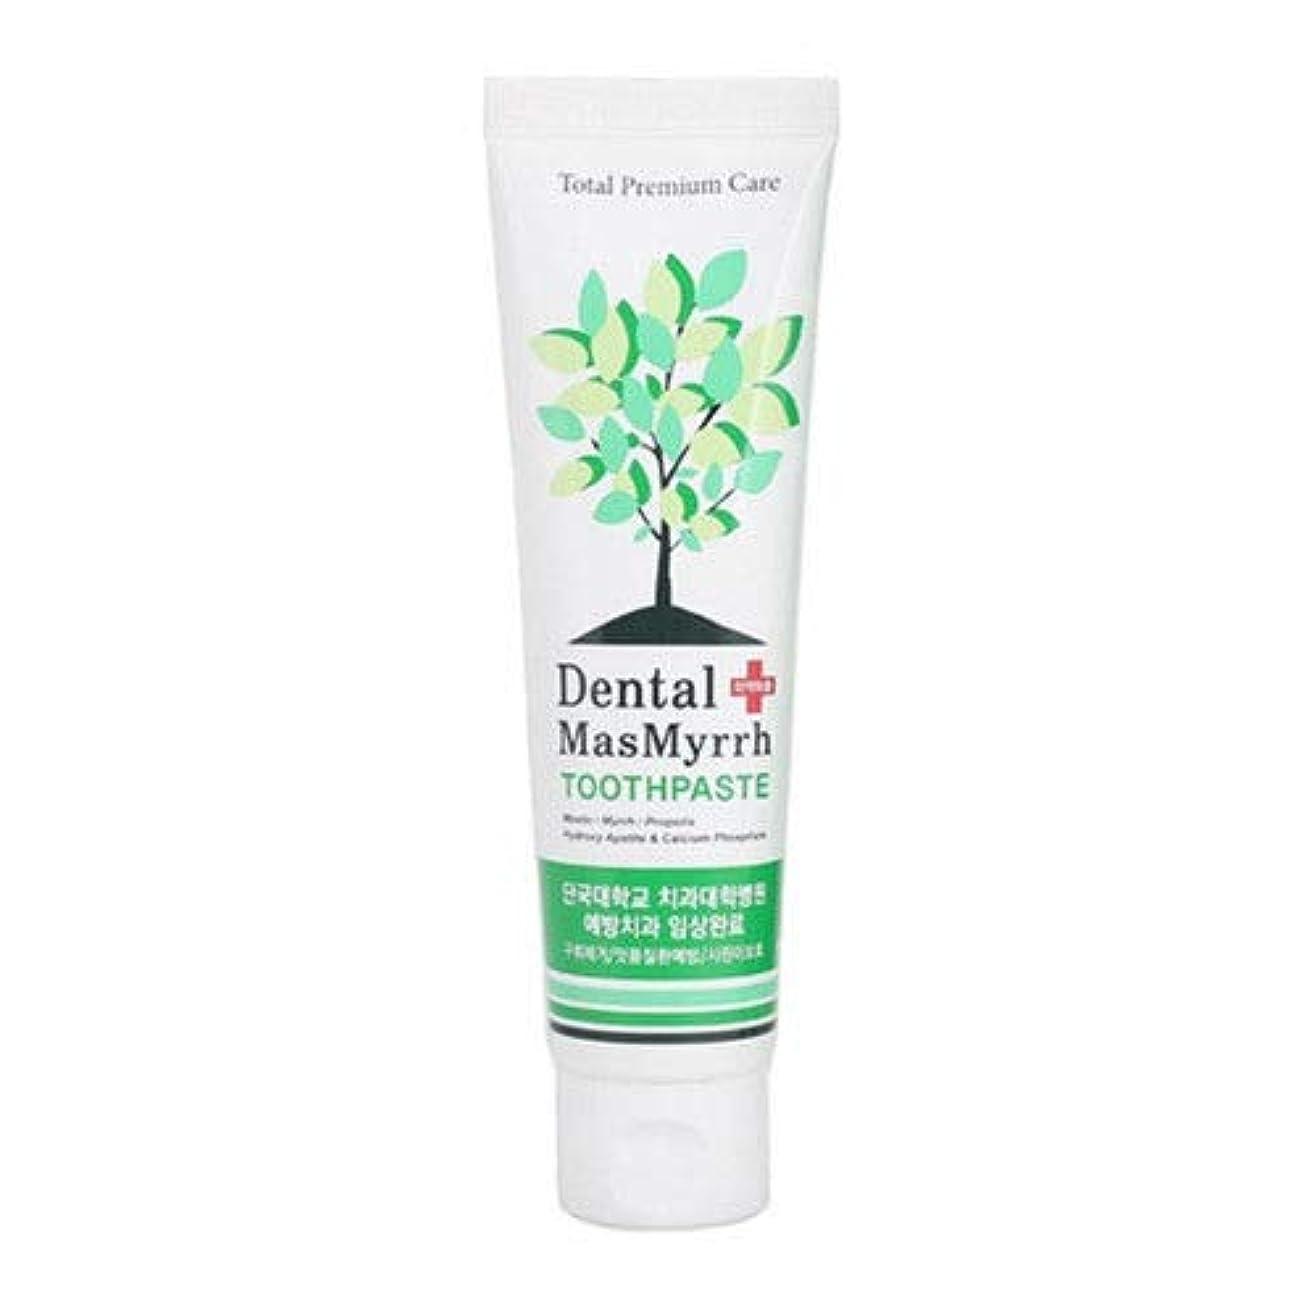 絶滅した悪用解く天然 ナチュラル キシリトール 歯磨き粉 Natural Hernal Xylitol Anti-plague PBL Tube 歯科用 ハミガキ粉 - 130g[並行輸入品]